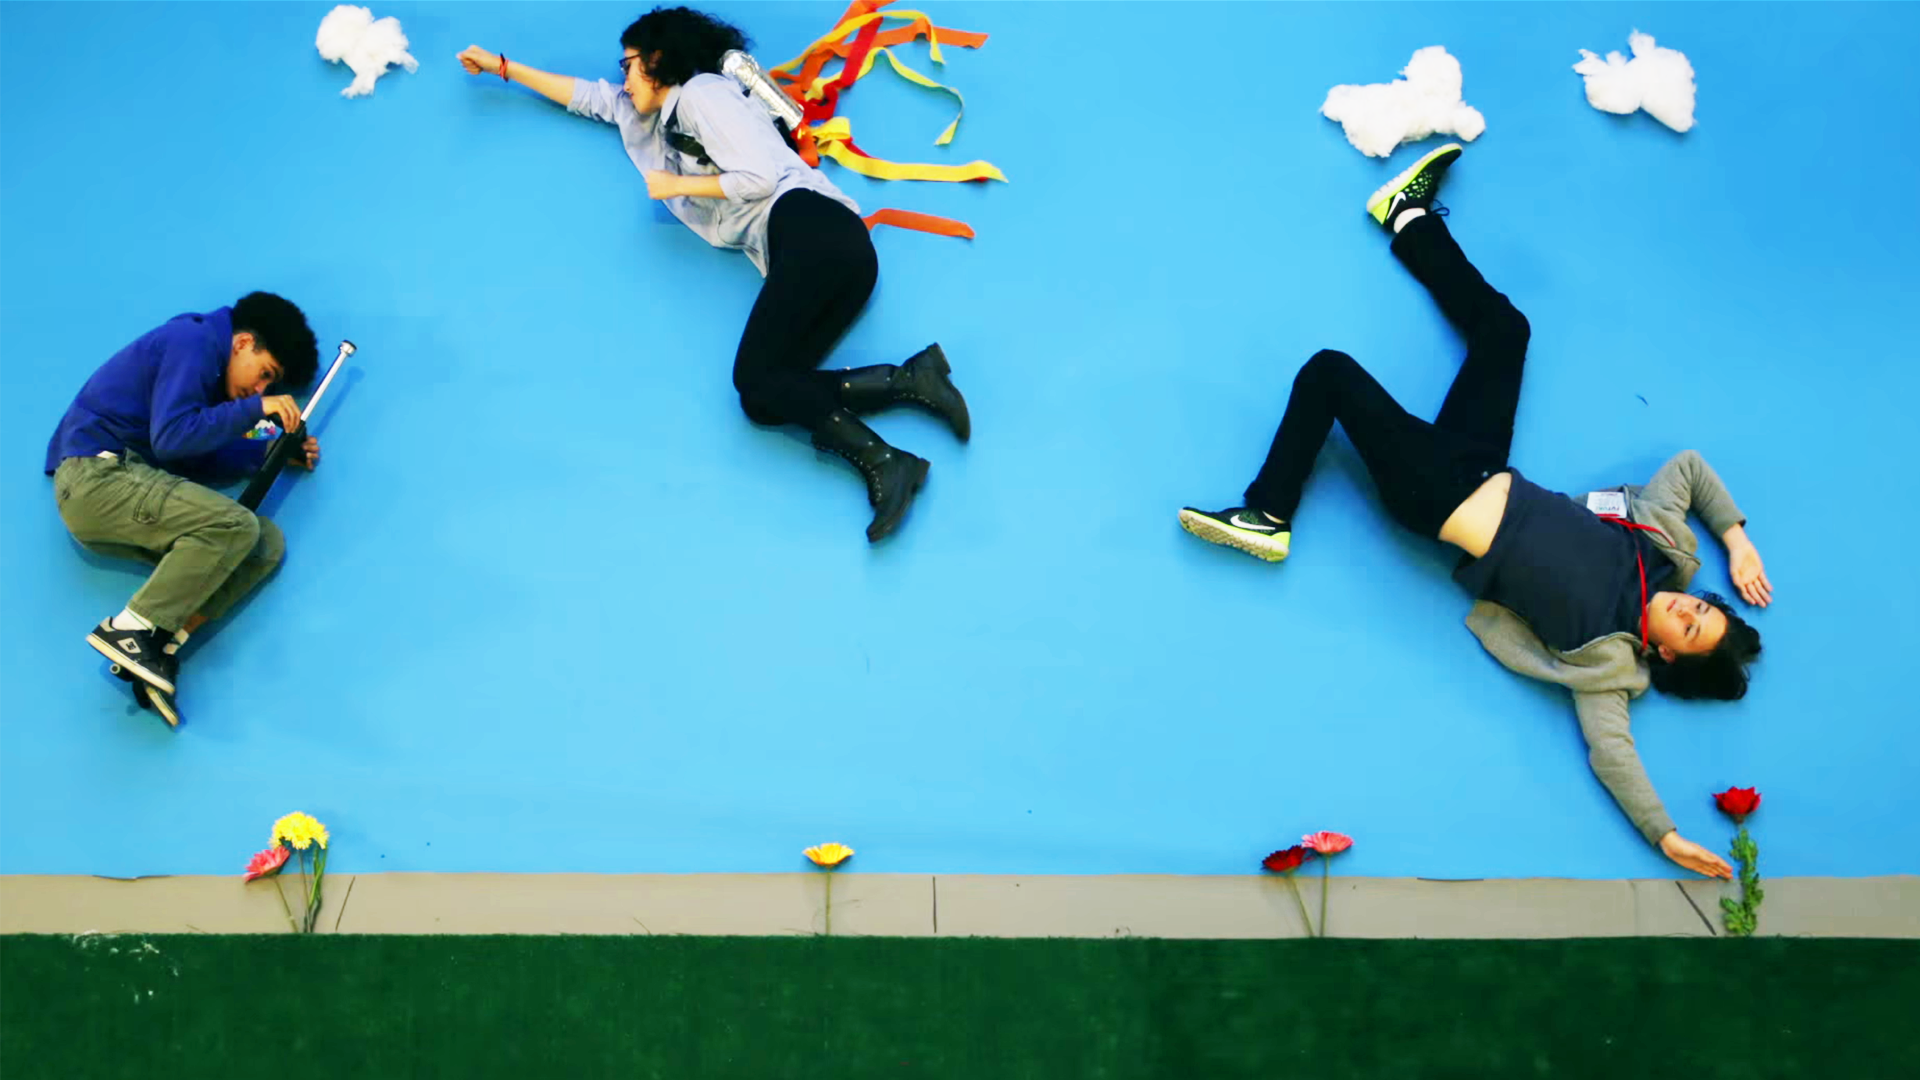 degli attori sono sdraiati a terra il pavimento è celeste come il cielo, la telecamera che li riprende è fissata al soffitto